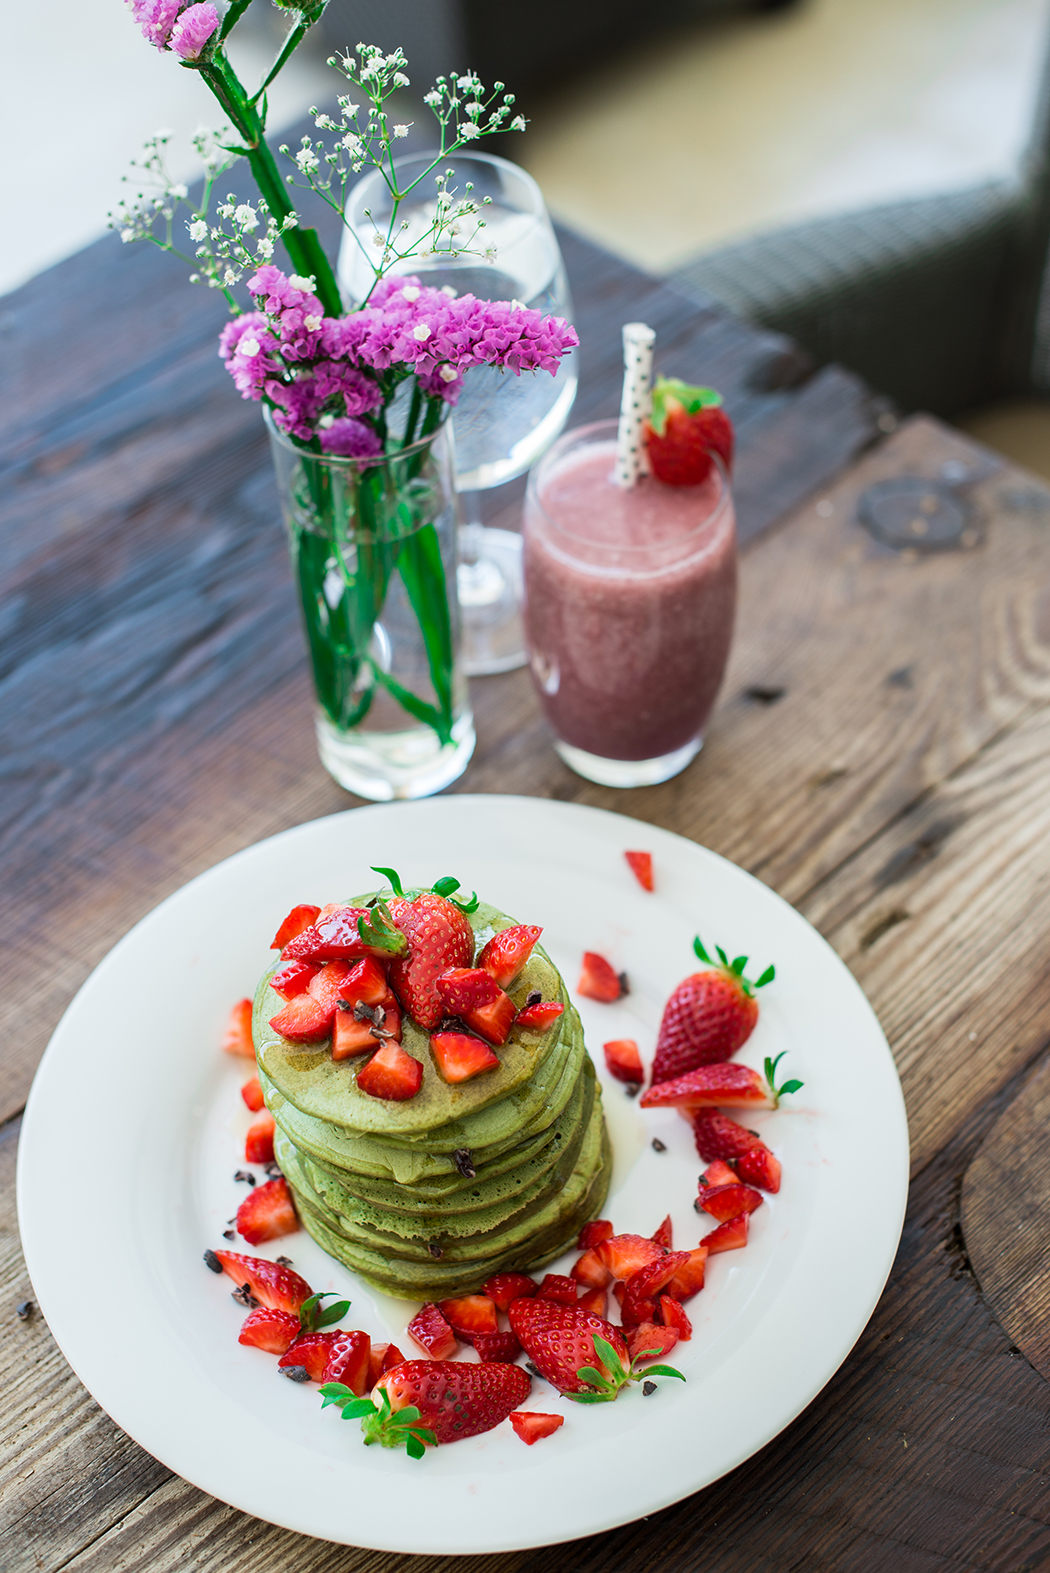 Foodblog-Foodblogger-Food-Blog-Blogger-Muenchen-Deutschland-Matcha_Pancakes-Matcha-Latte-gesund-abnehmen-superfood-6